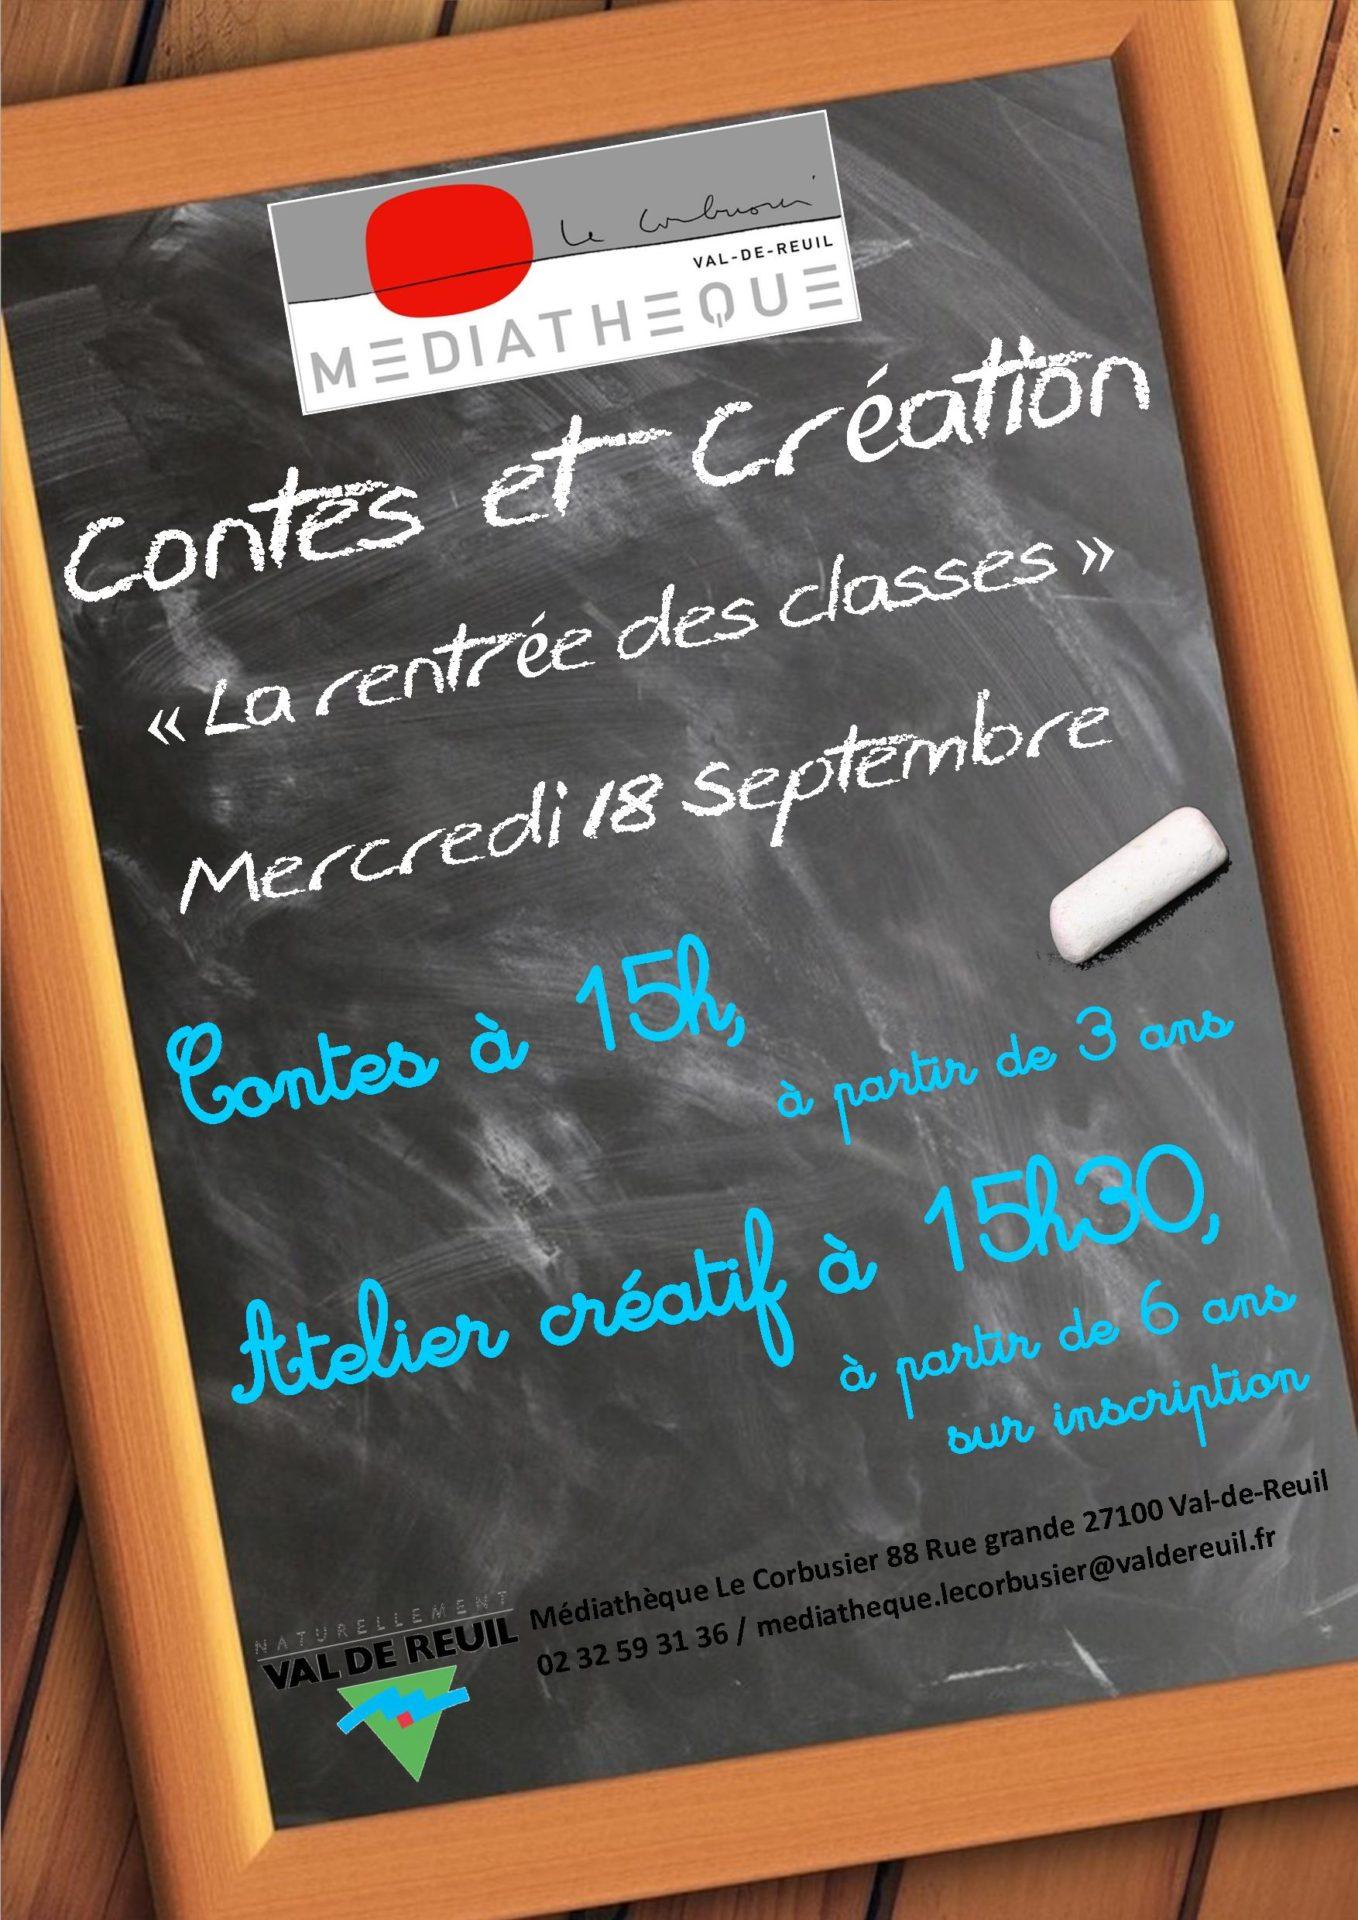 """Contes et atelier créatif """" La rentrée des classes """" à la médiathèque Le Corbusier"""